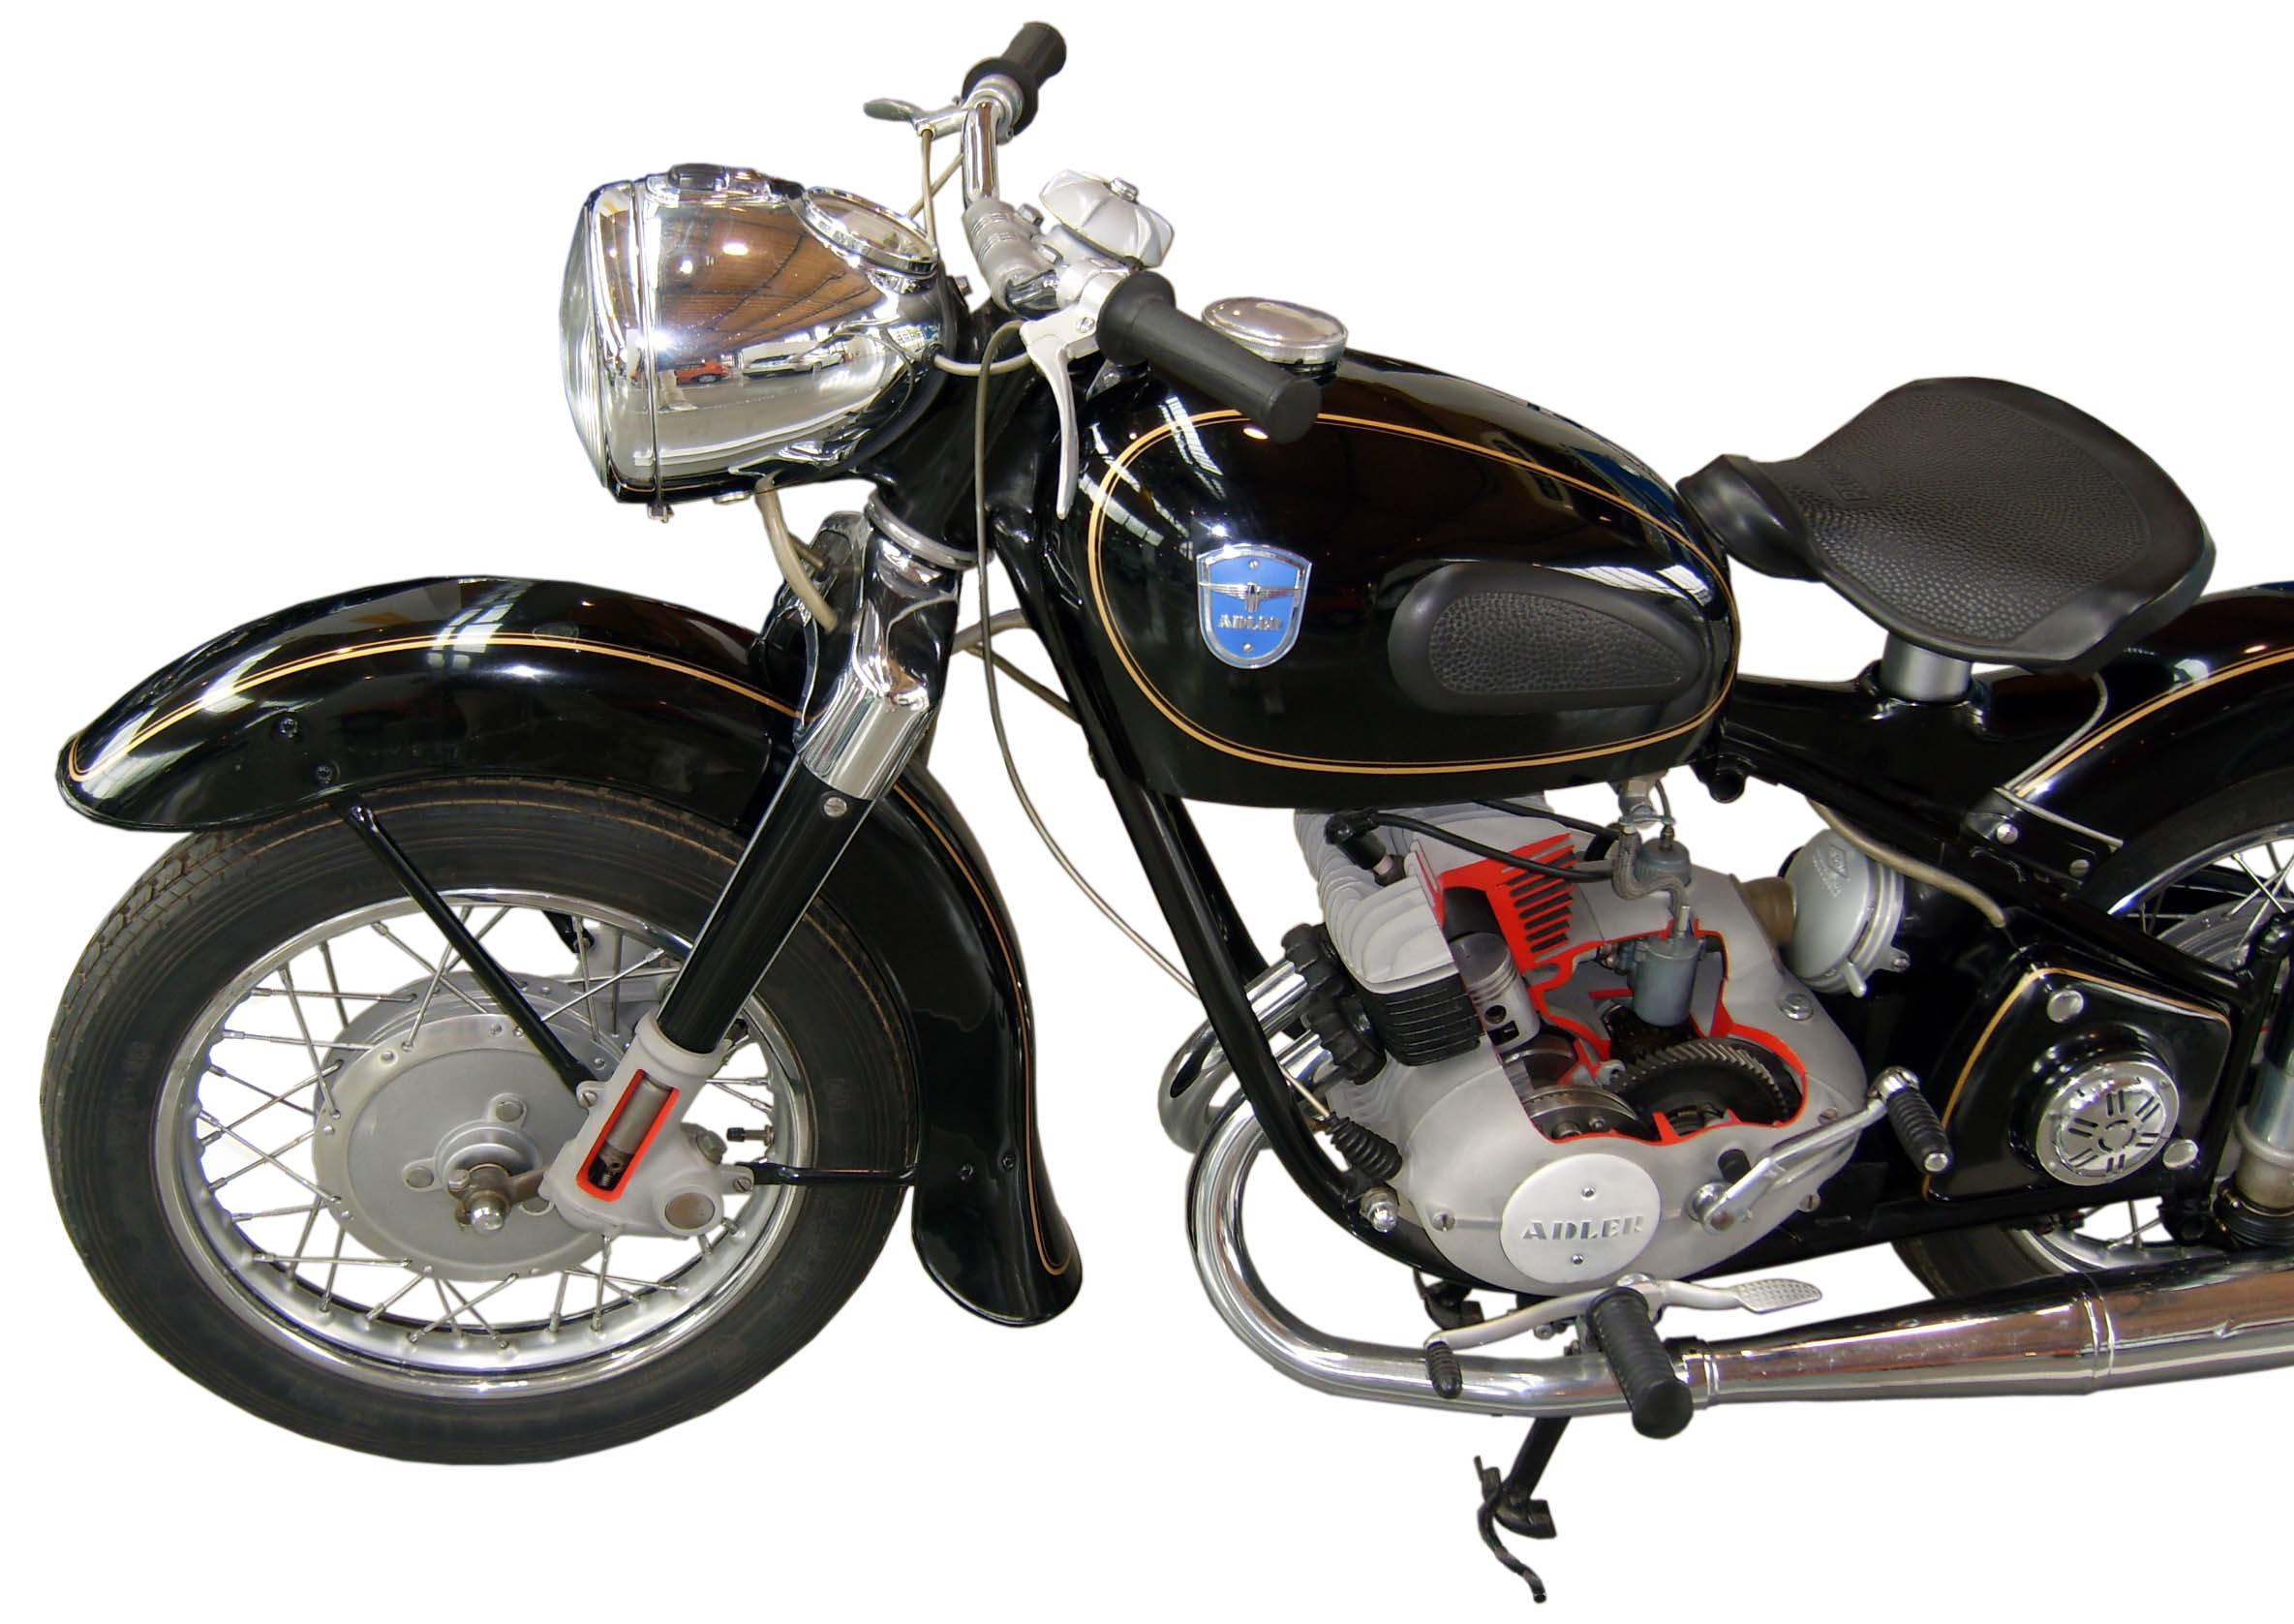 Adler MB 250 im Schnitt mit Blick auf das Vorderrad und den Motor